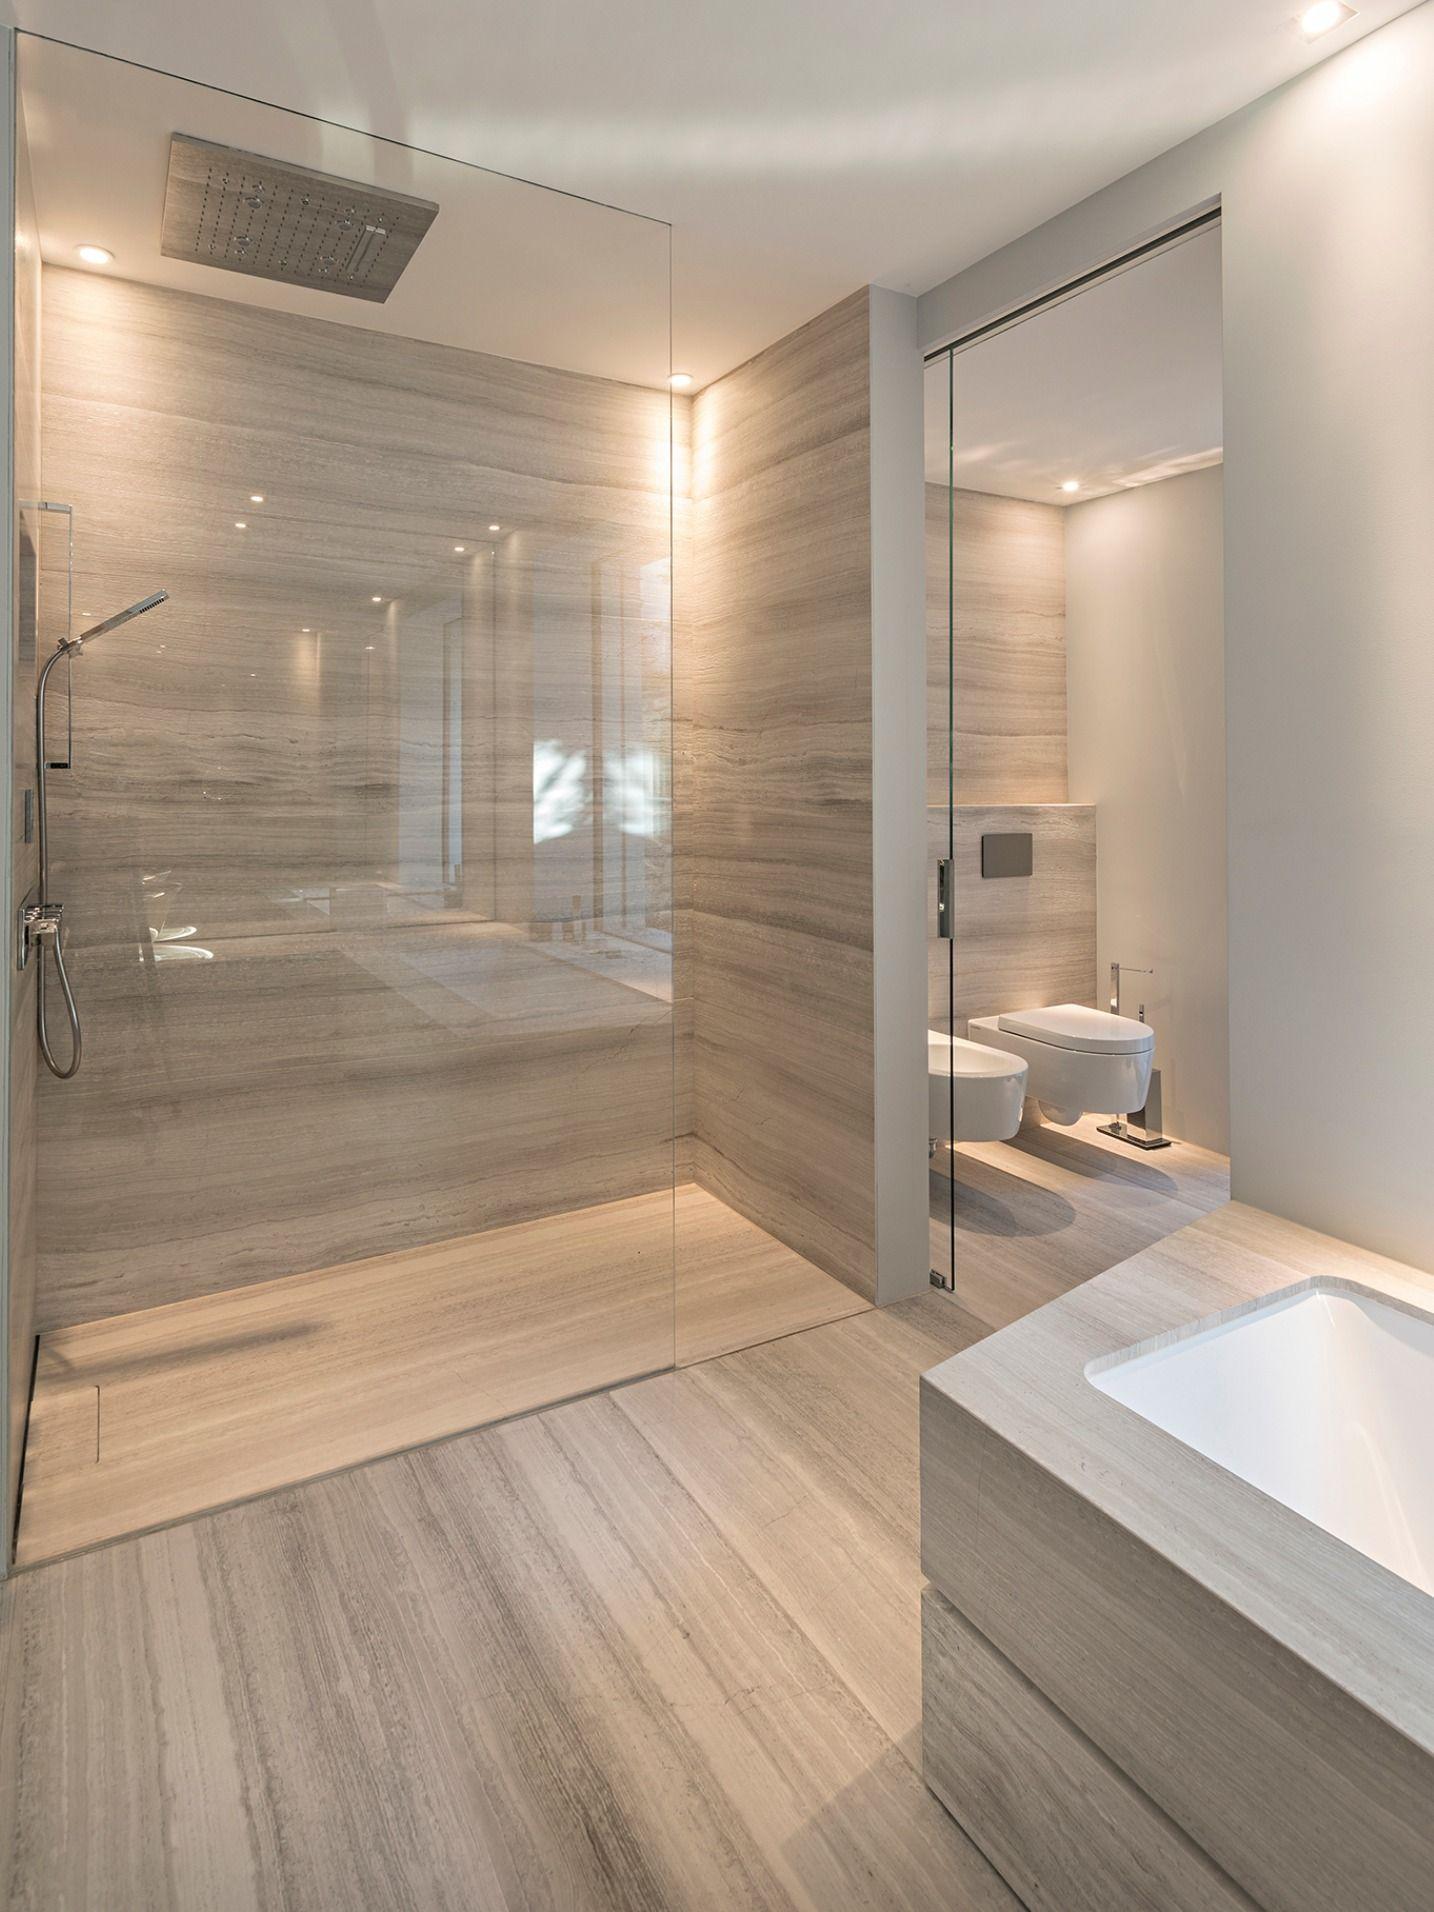 Bagni Moderni In Marmo.Bagno Moderno Bagno In Marmo Vasca Da Bagno Sottopiano Rivestita